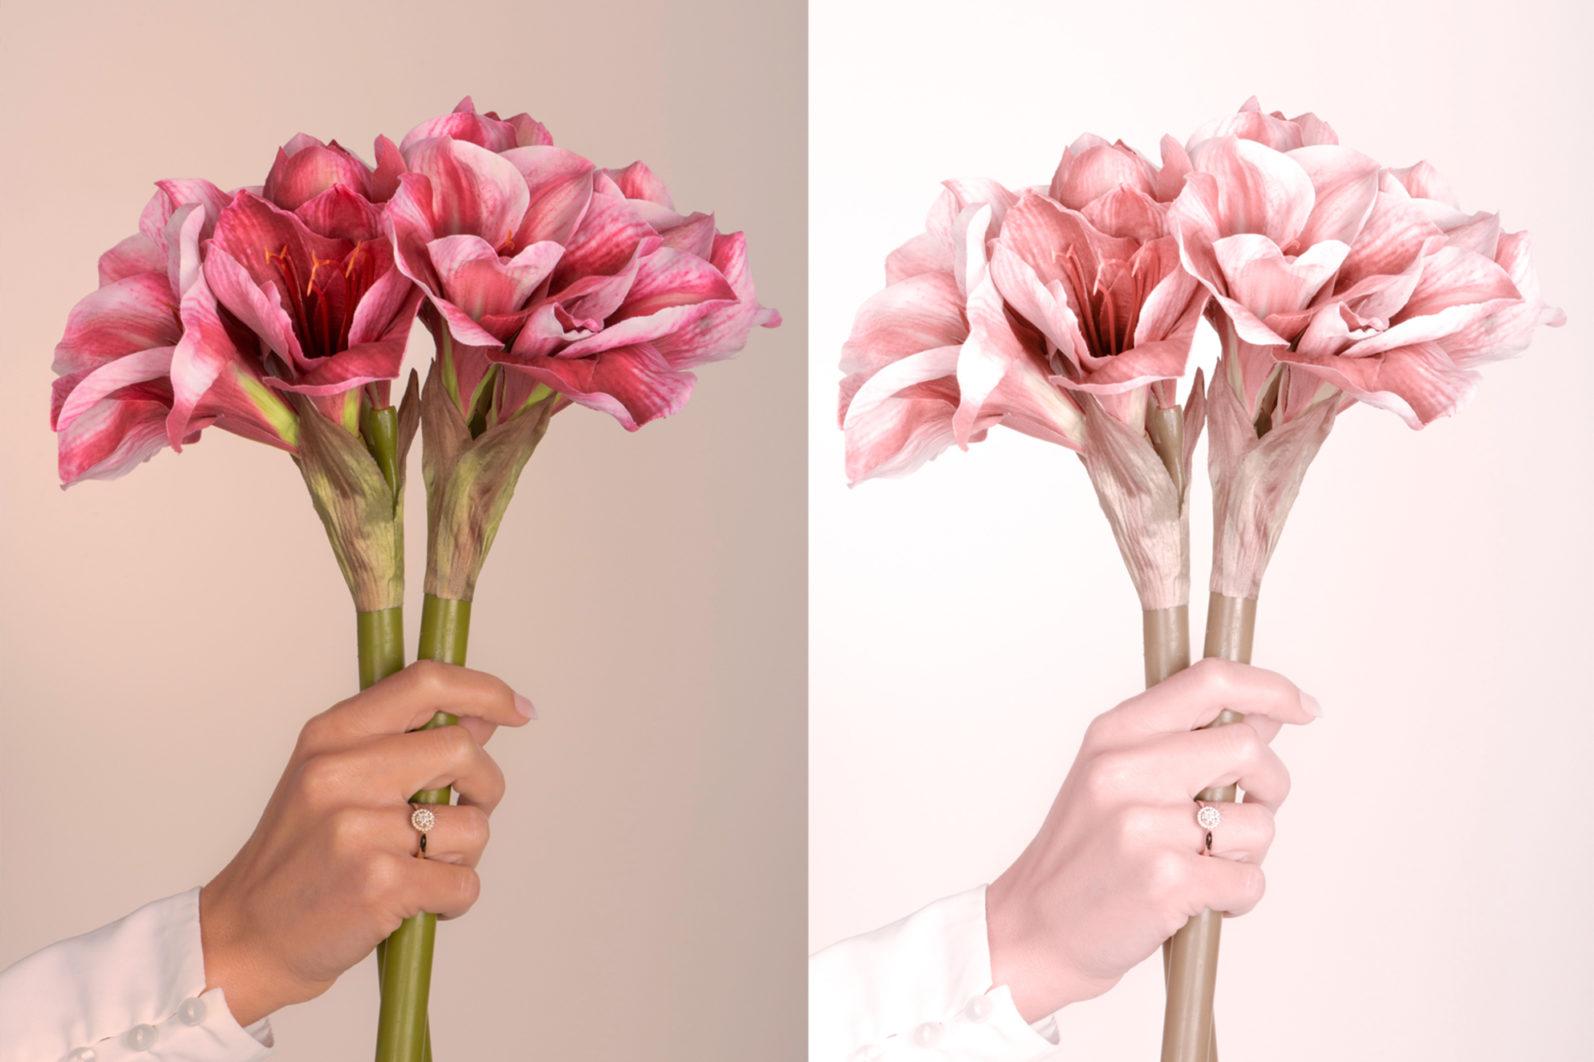 65 x Lightroom Presets (Mobile and Desktop Bundle) inspired by Spring - 1 Blush -